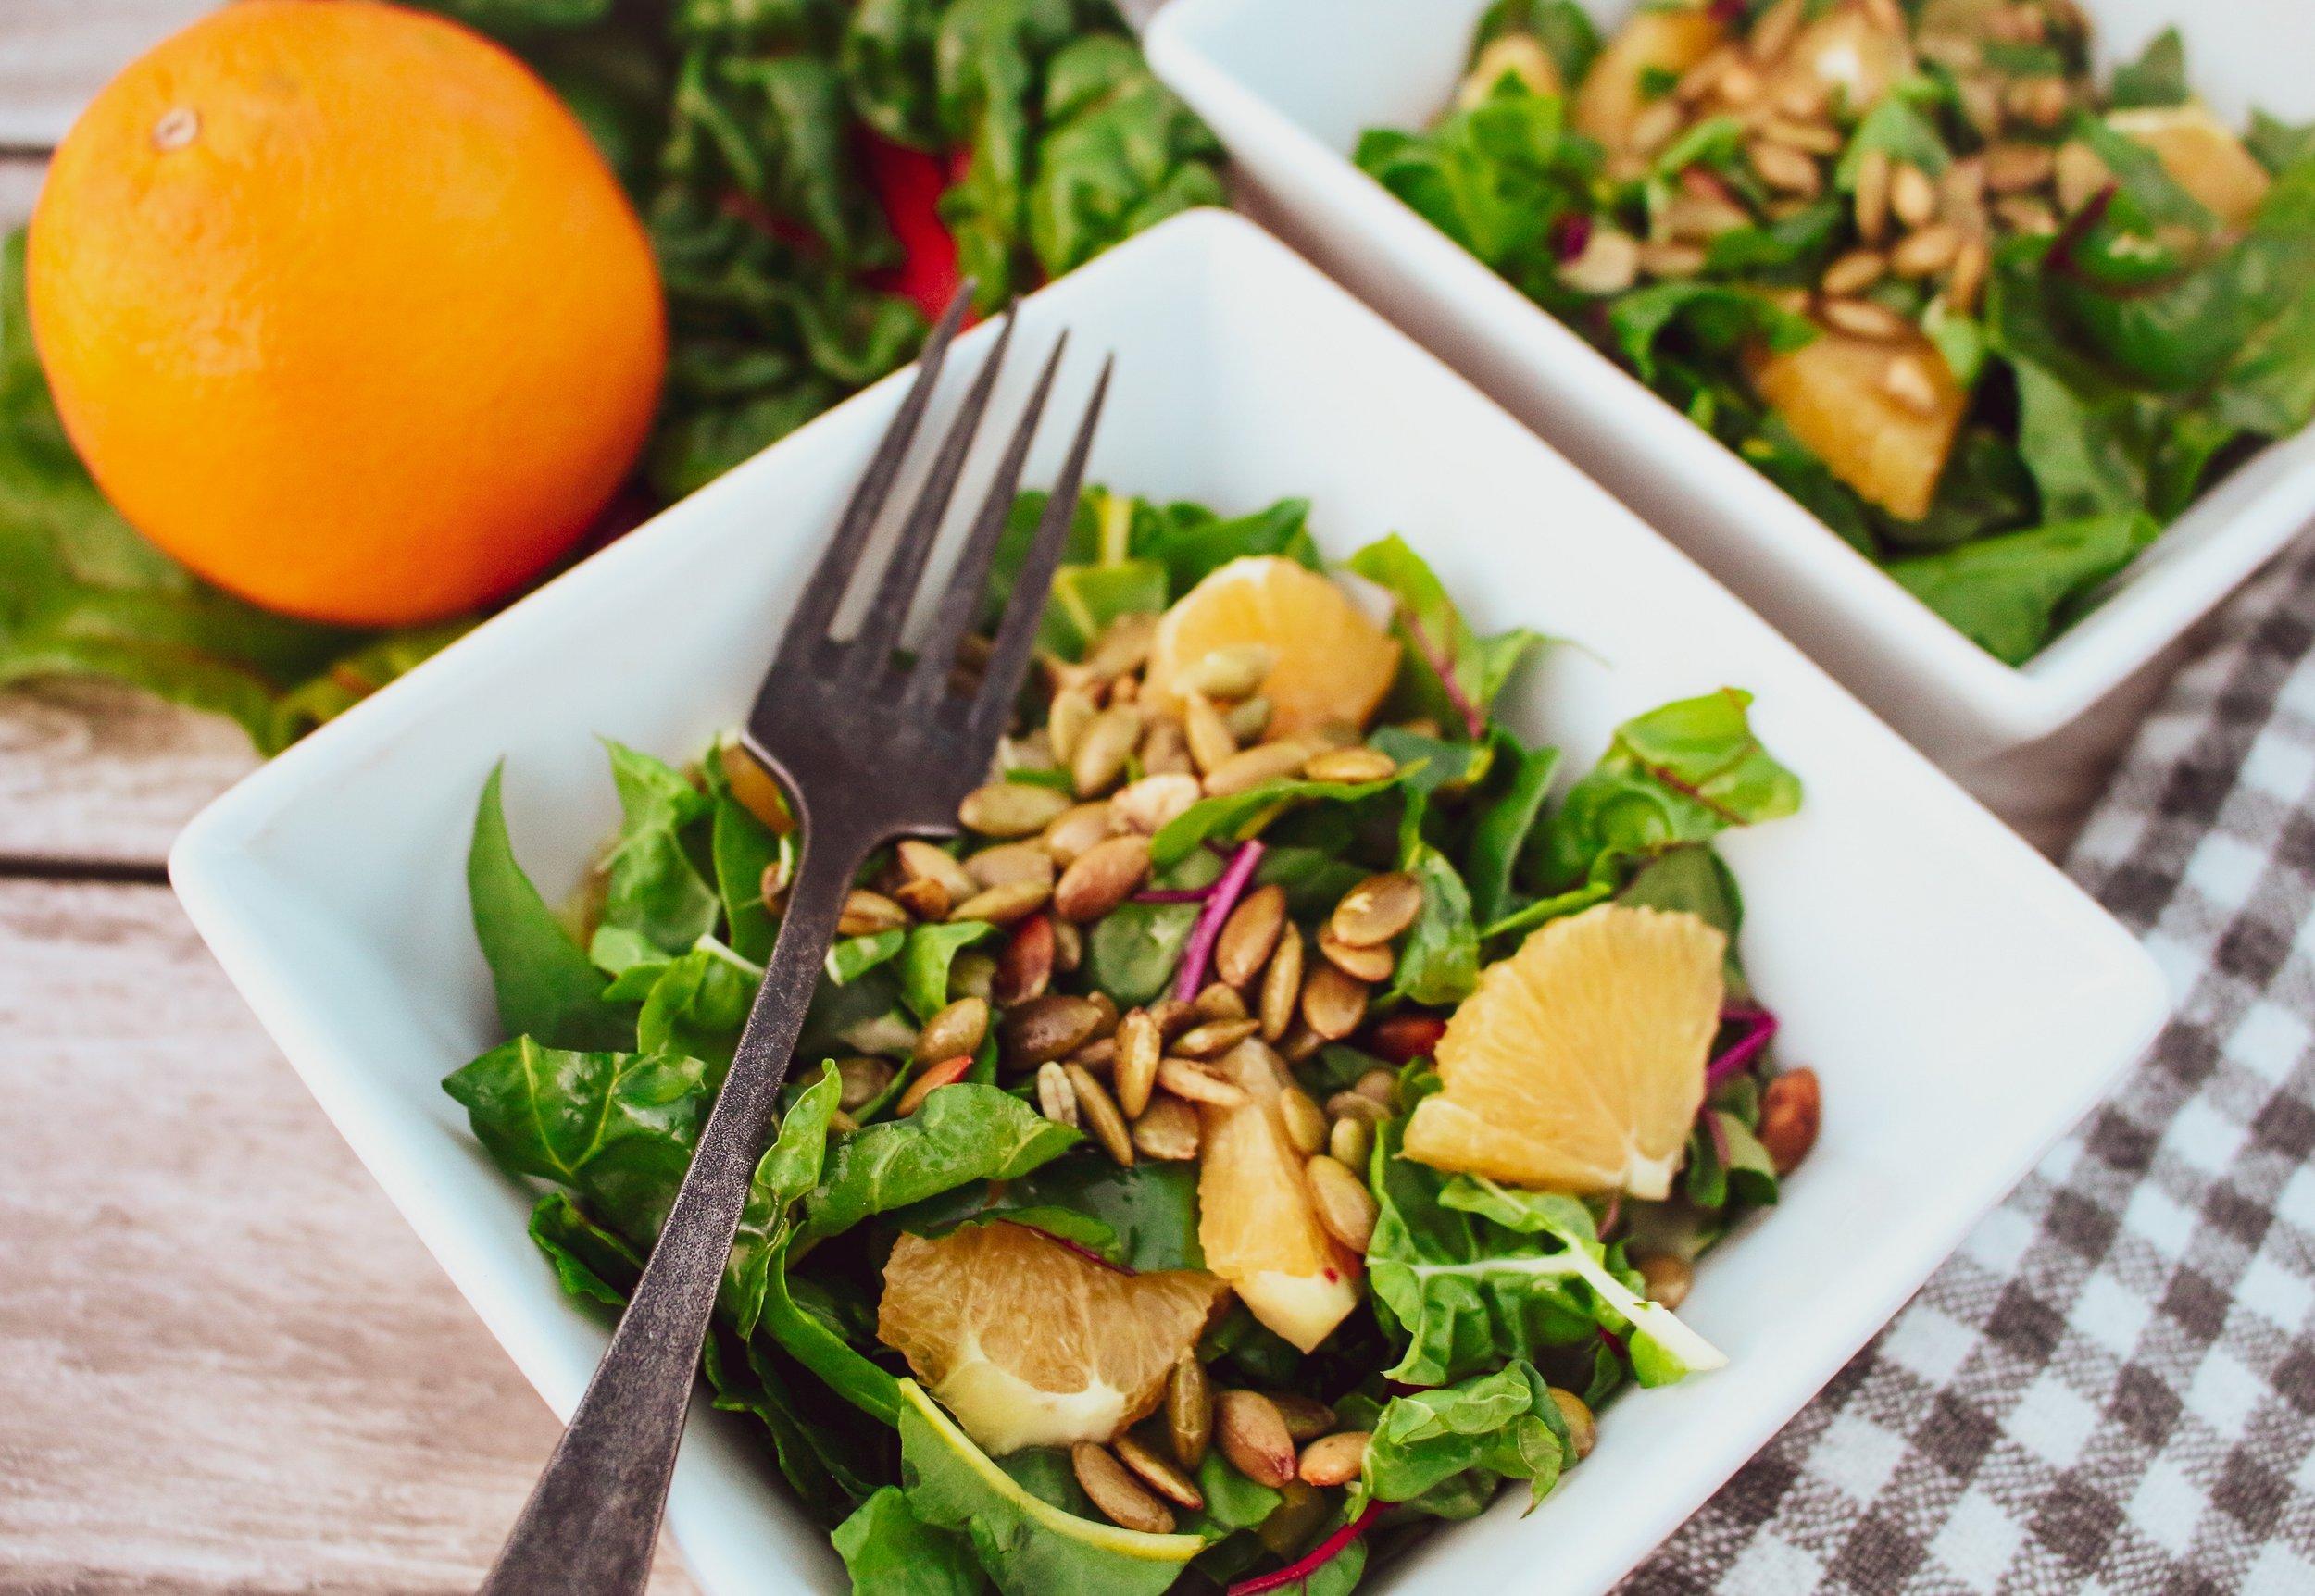 Chard-Orange-Salad-1-resized.jpg